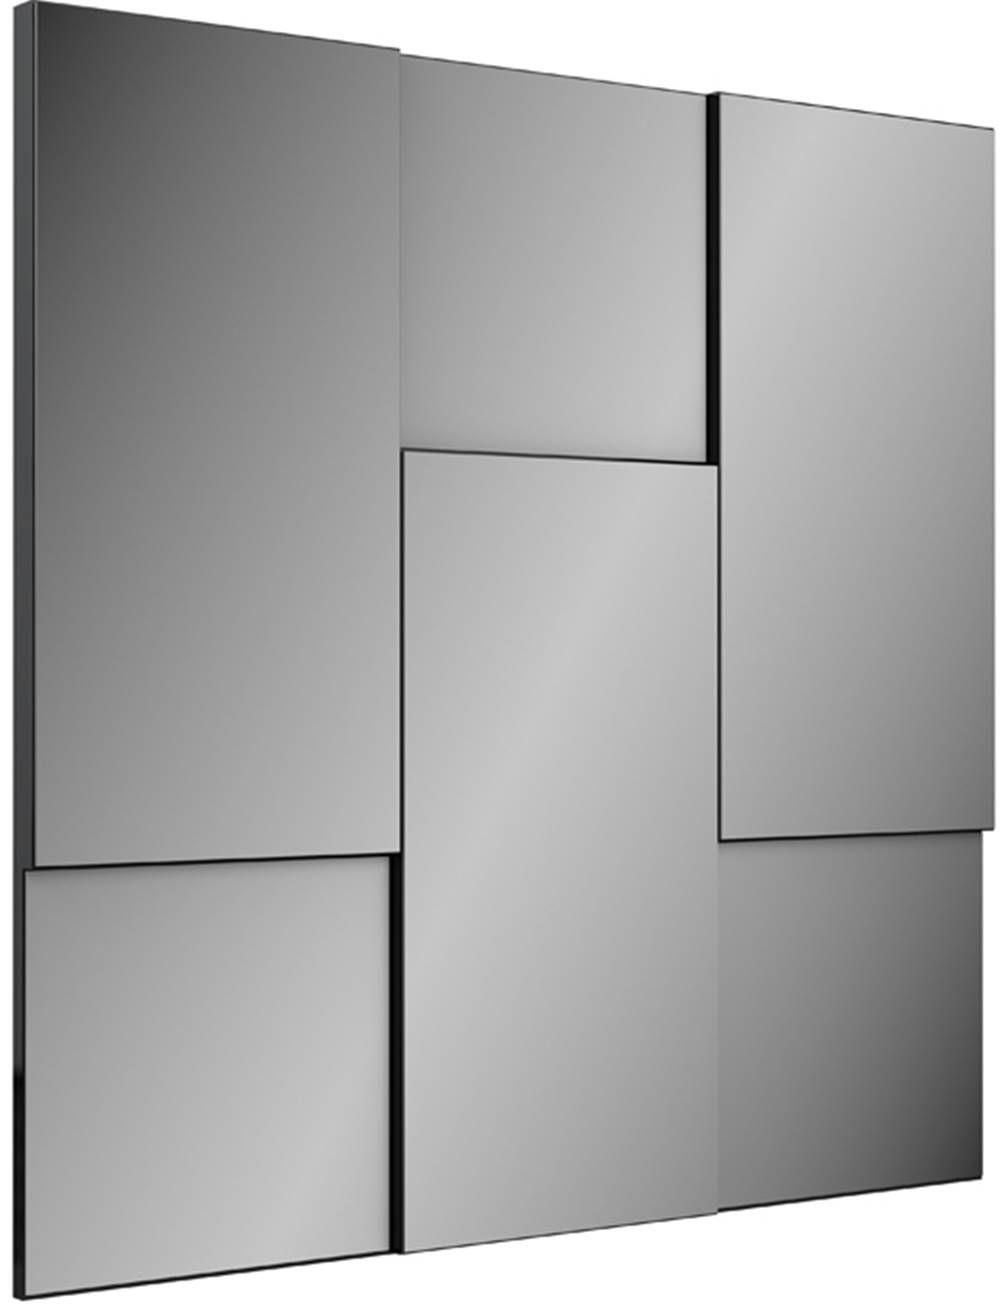 Quadro Espelho Escala Pequeno 90cm (LARG) cor Preto Brilho - 52889